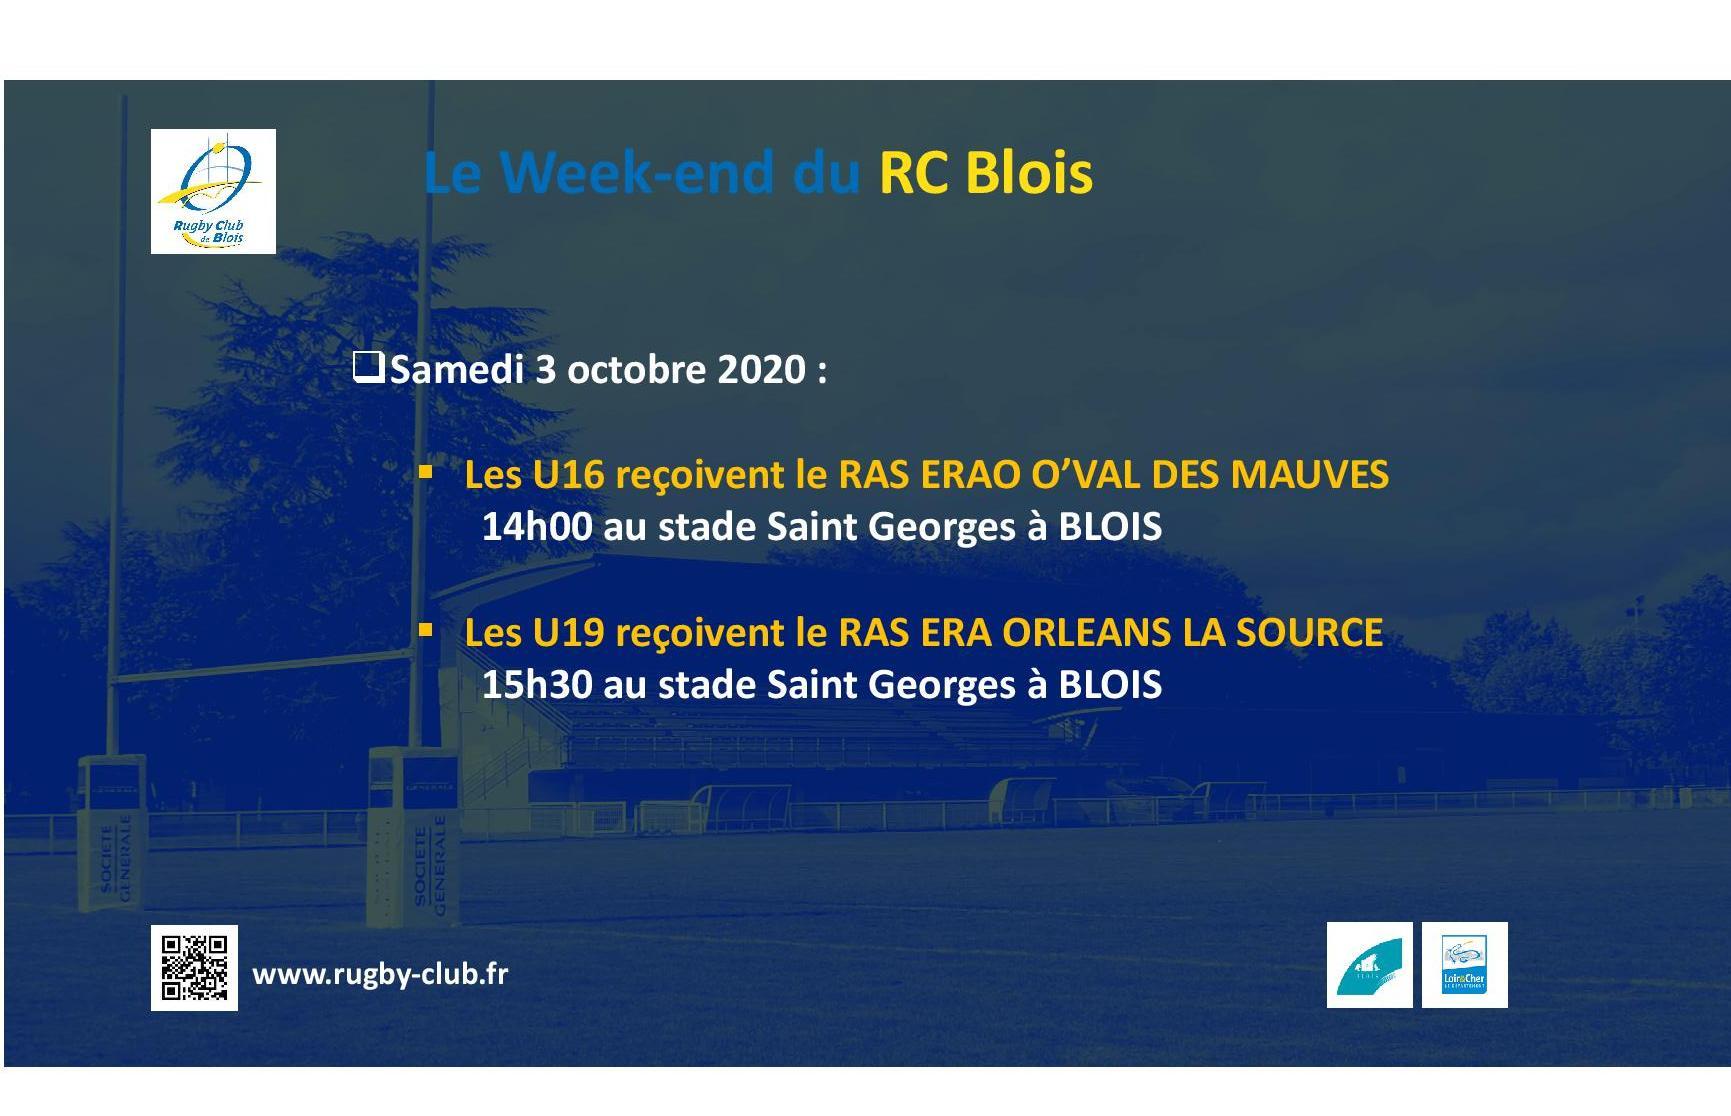 Le RC Blois vous annonce les matchs du week-end des 3 et 4 octobre 2020